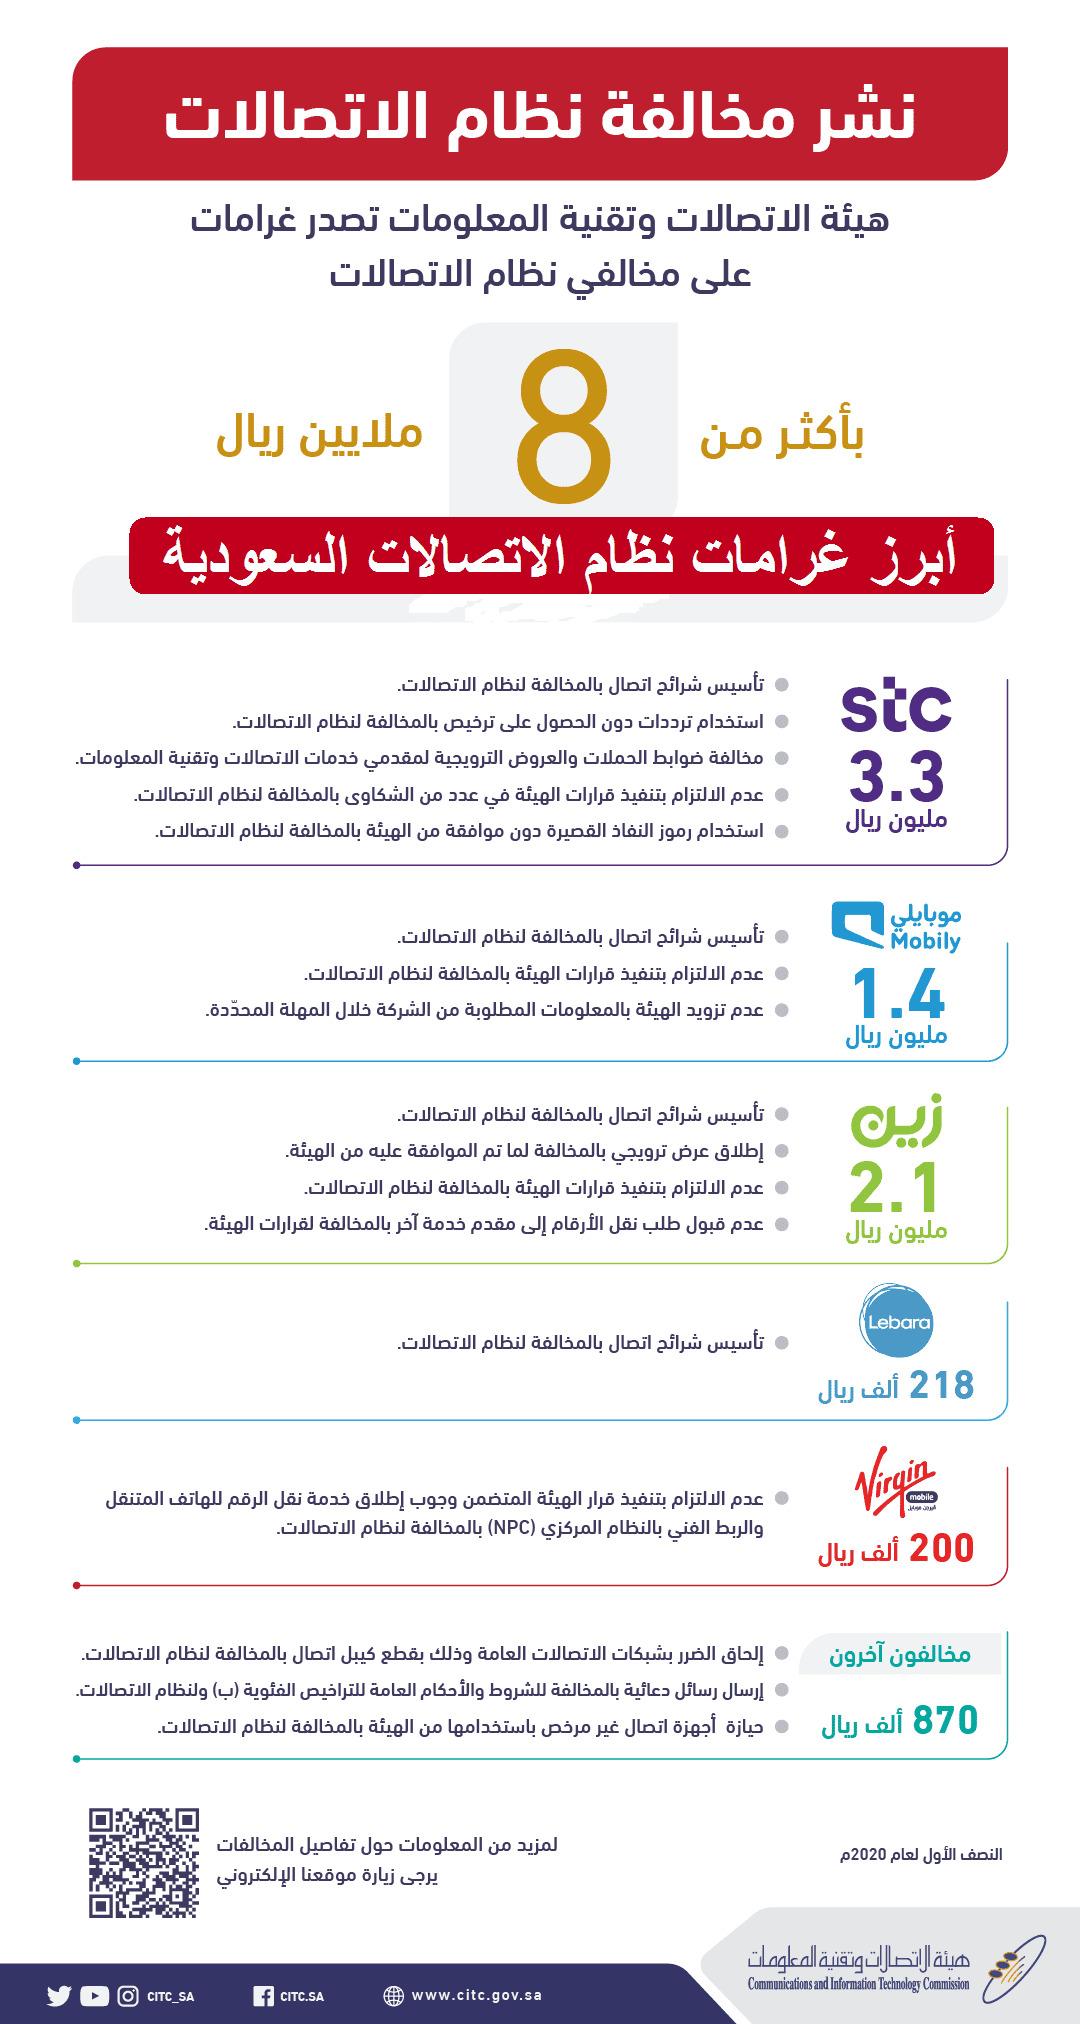 هيئة الاتصالات السعودية تحدد غرامة 8 ملايين ريال لمخالفي النظام